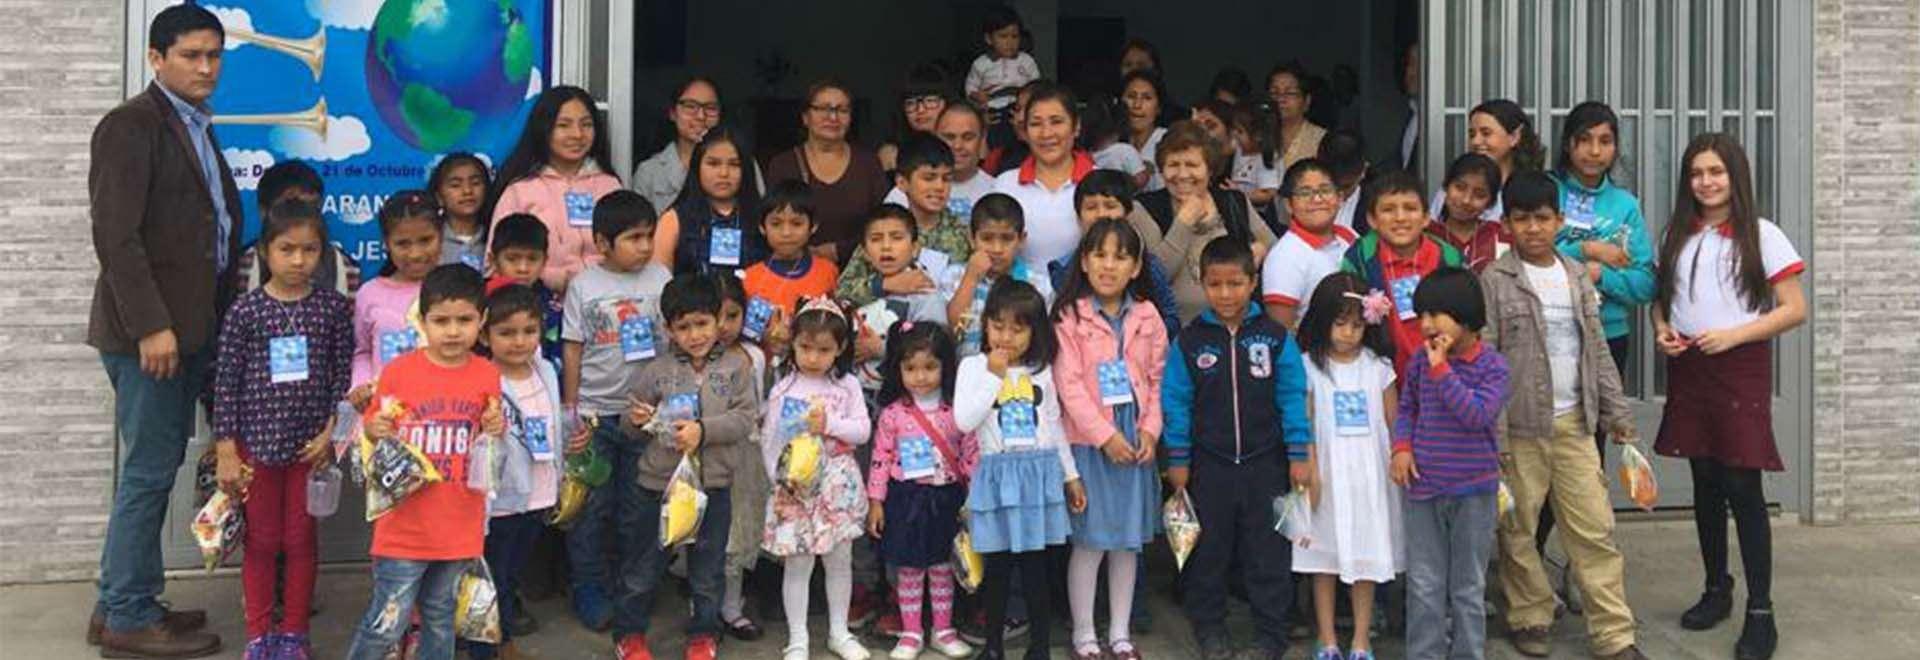 Seminário de Crianças e Adolescentes no Exterior - Outubro 2018